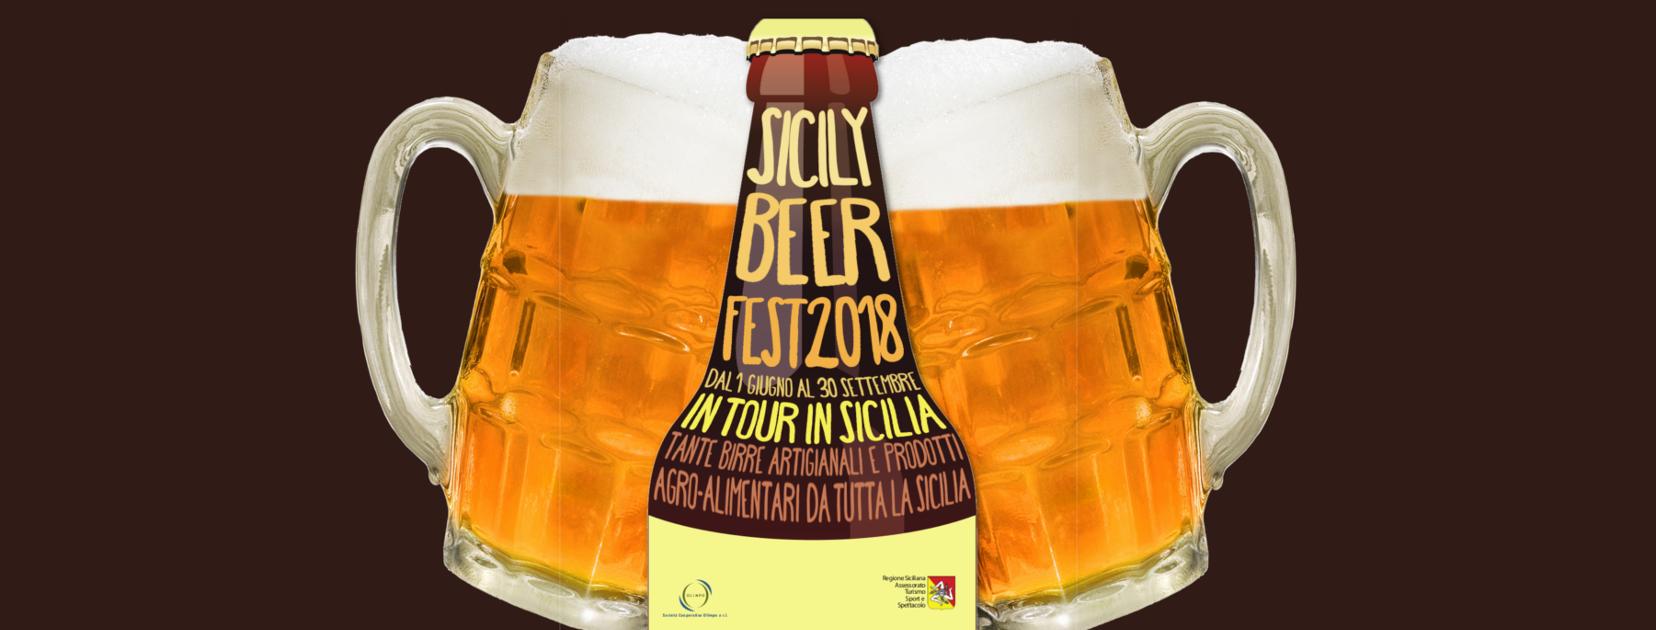 """Il """"Sicily Beer Fest"""" sbarca a Pozzallo (Rg) per tutti gli amanti della birra artigianale, del food e della musica live. L'evento è in programma il prossimo weekend (da venerdì 20 a domenica 22 Luglio) in Piazza delle Rimembranze. Sicily Beer Fest, non solo birra Il """"Sicily Beer Fest"""" in Tour è il primo evento itinerante in Sicilia dedicato alla buona birra artigianale e si sta svolgendo nelle più belle ed affascinanti località turistiche dell'isola durante l'intera estate. Dopo le tappe di Marzamemi e Giardini Naxos, la carovana del """"Sicily Beer Fest"""" approda adesso in provincia di Ragusa, in una"""